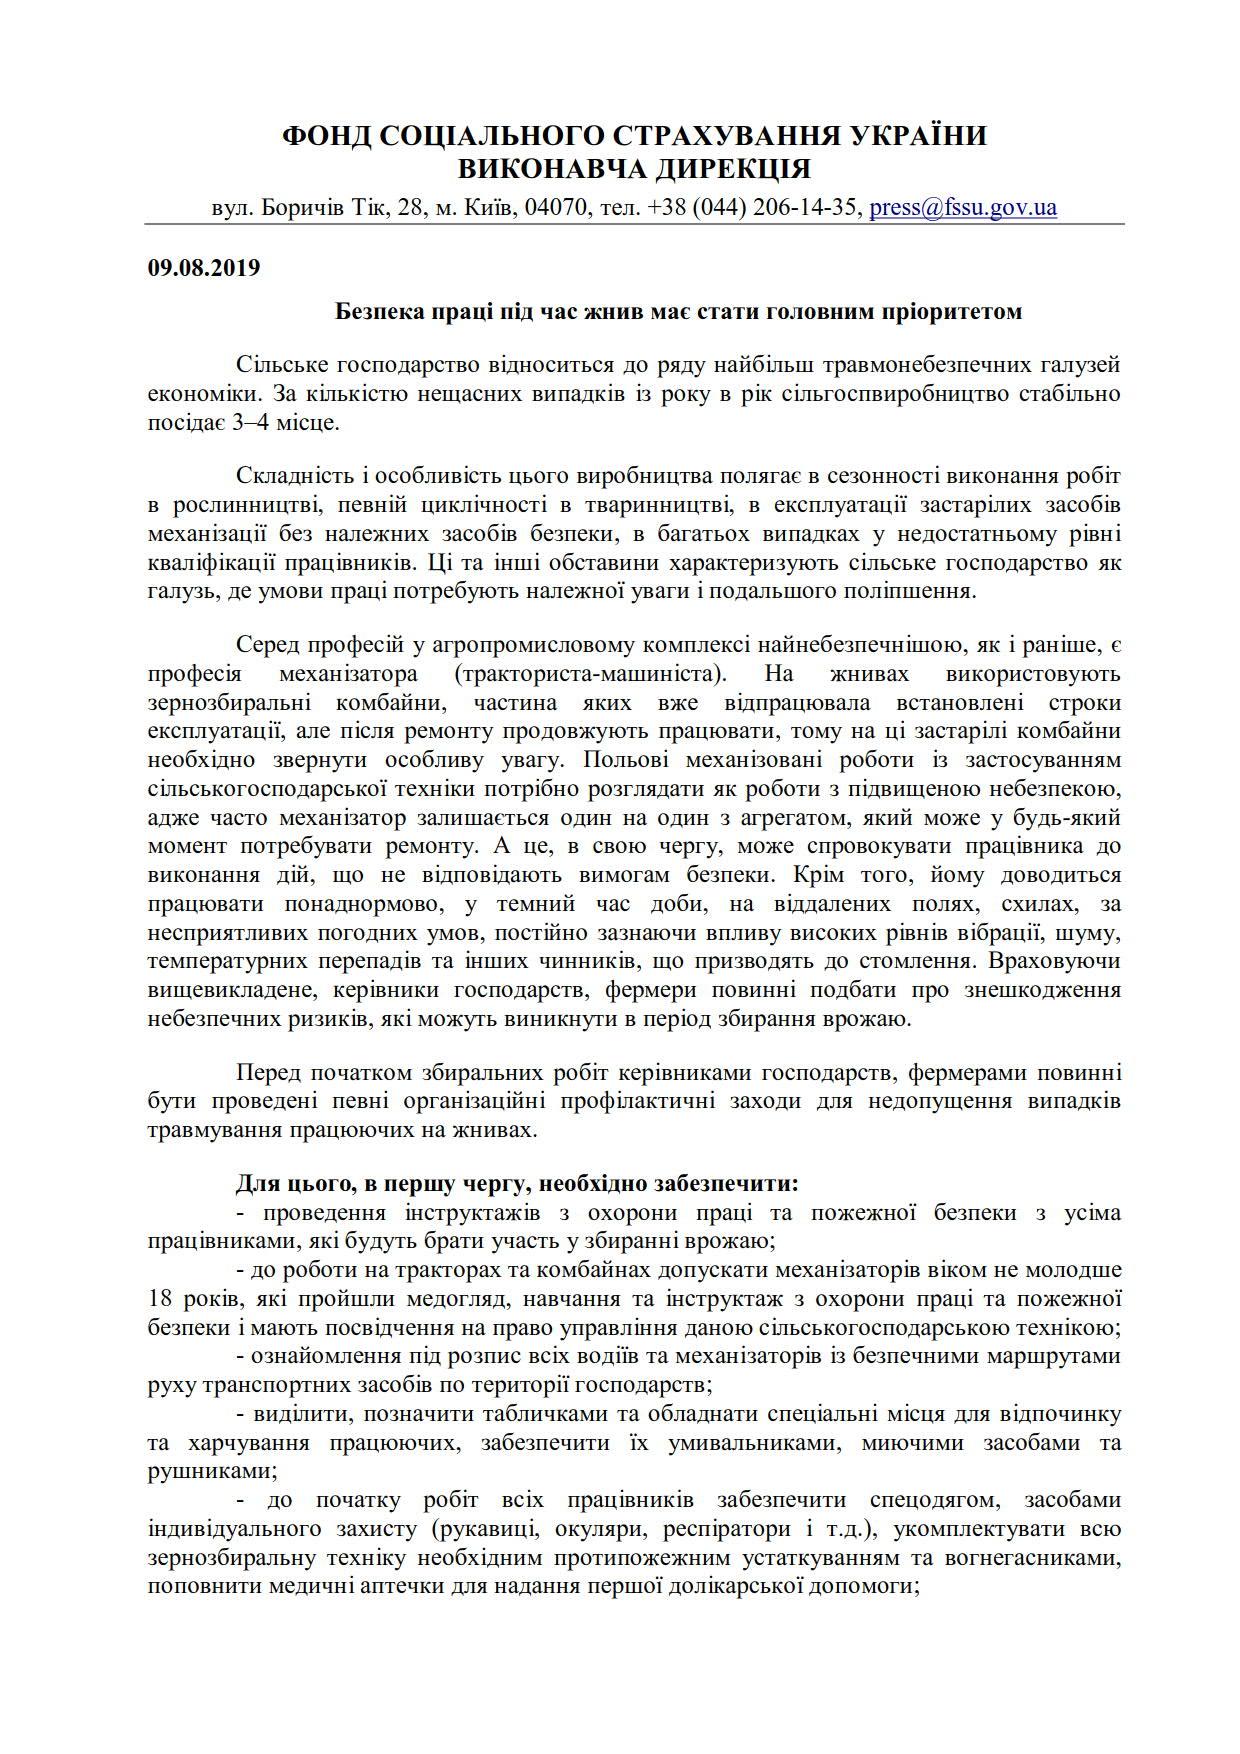 ФССУ_Безпека праці на жнивах_09.08.19_1